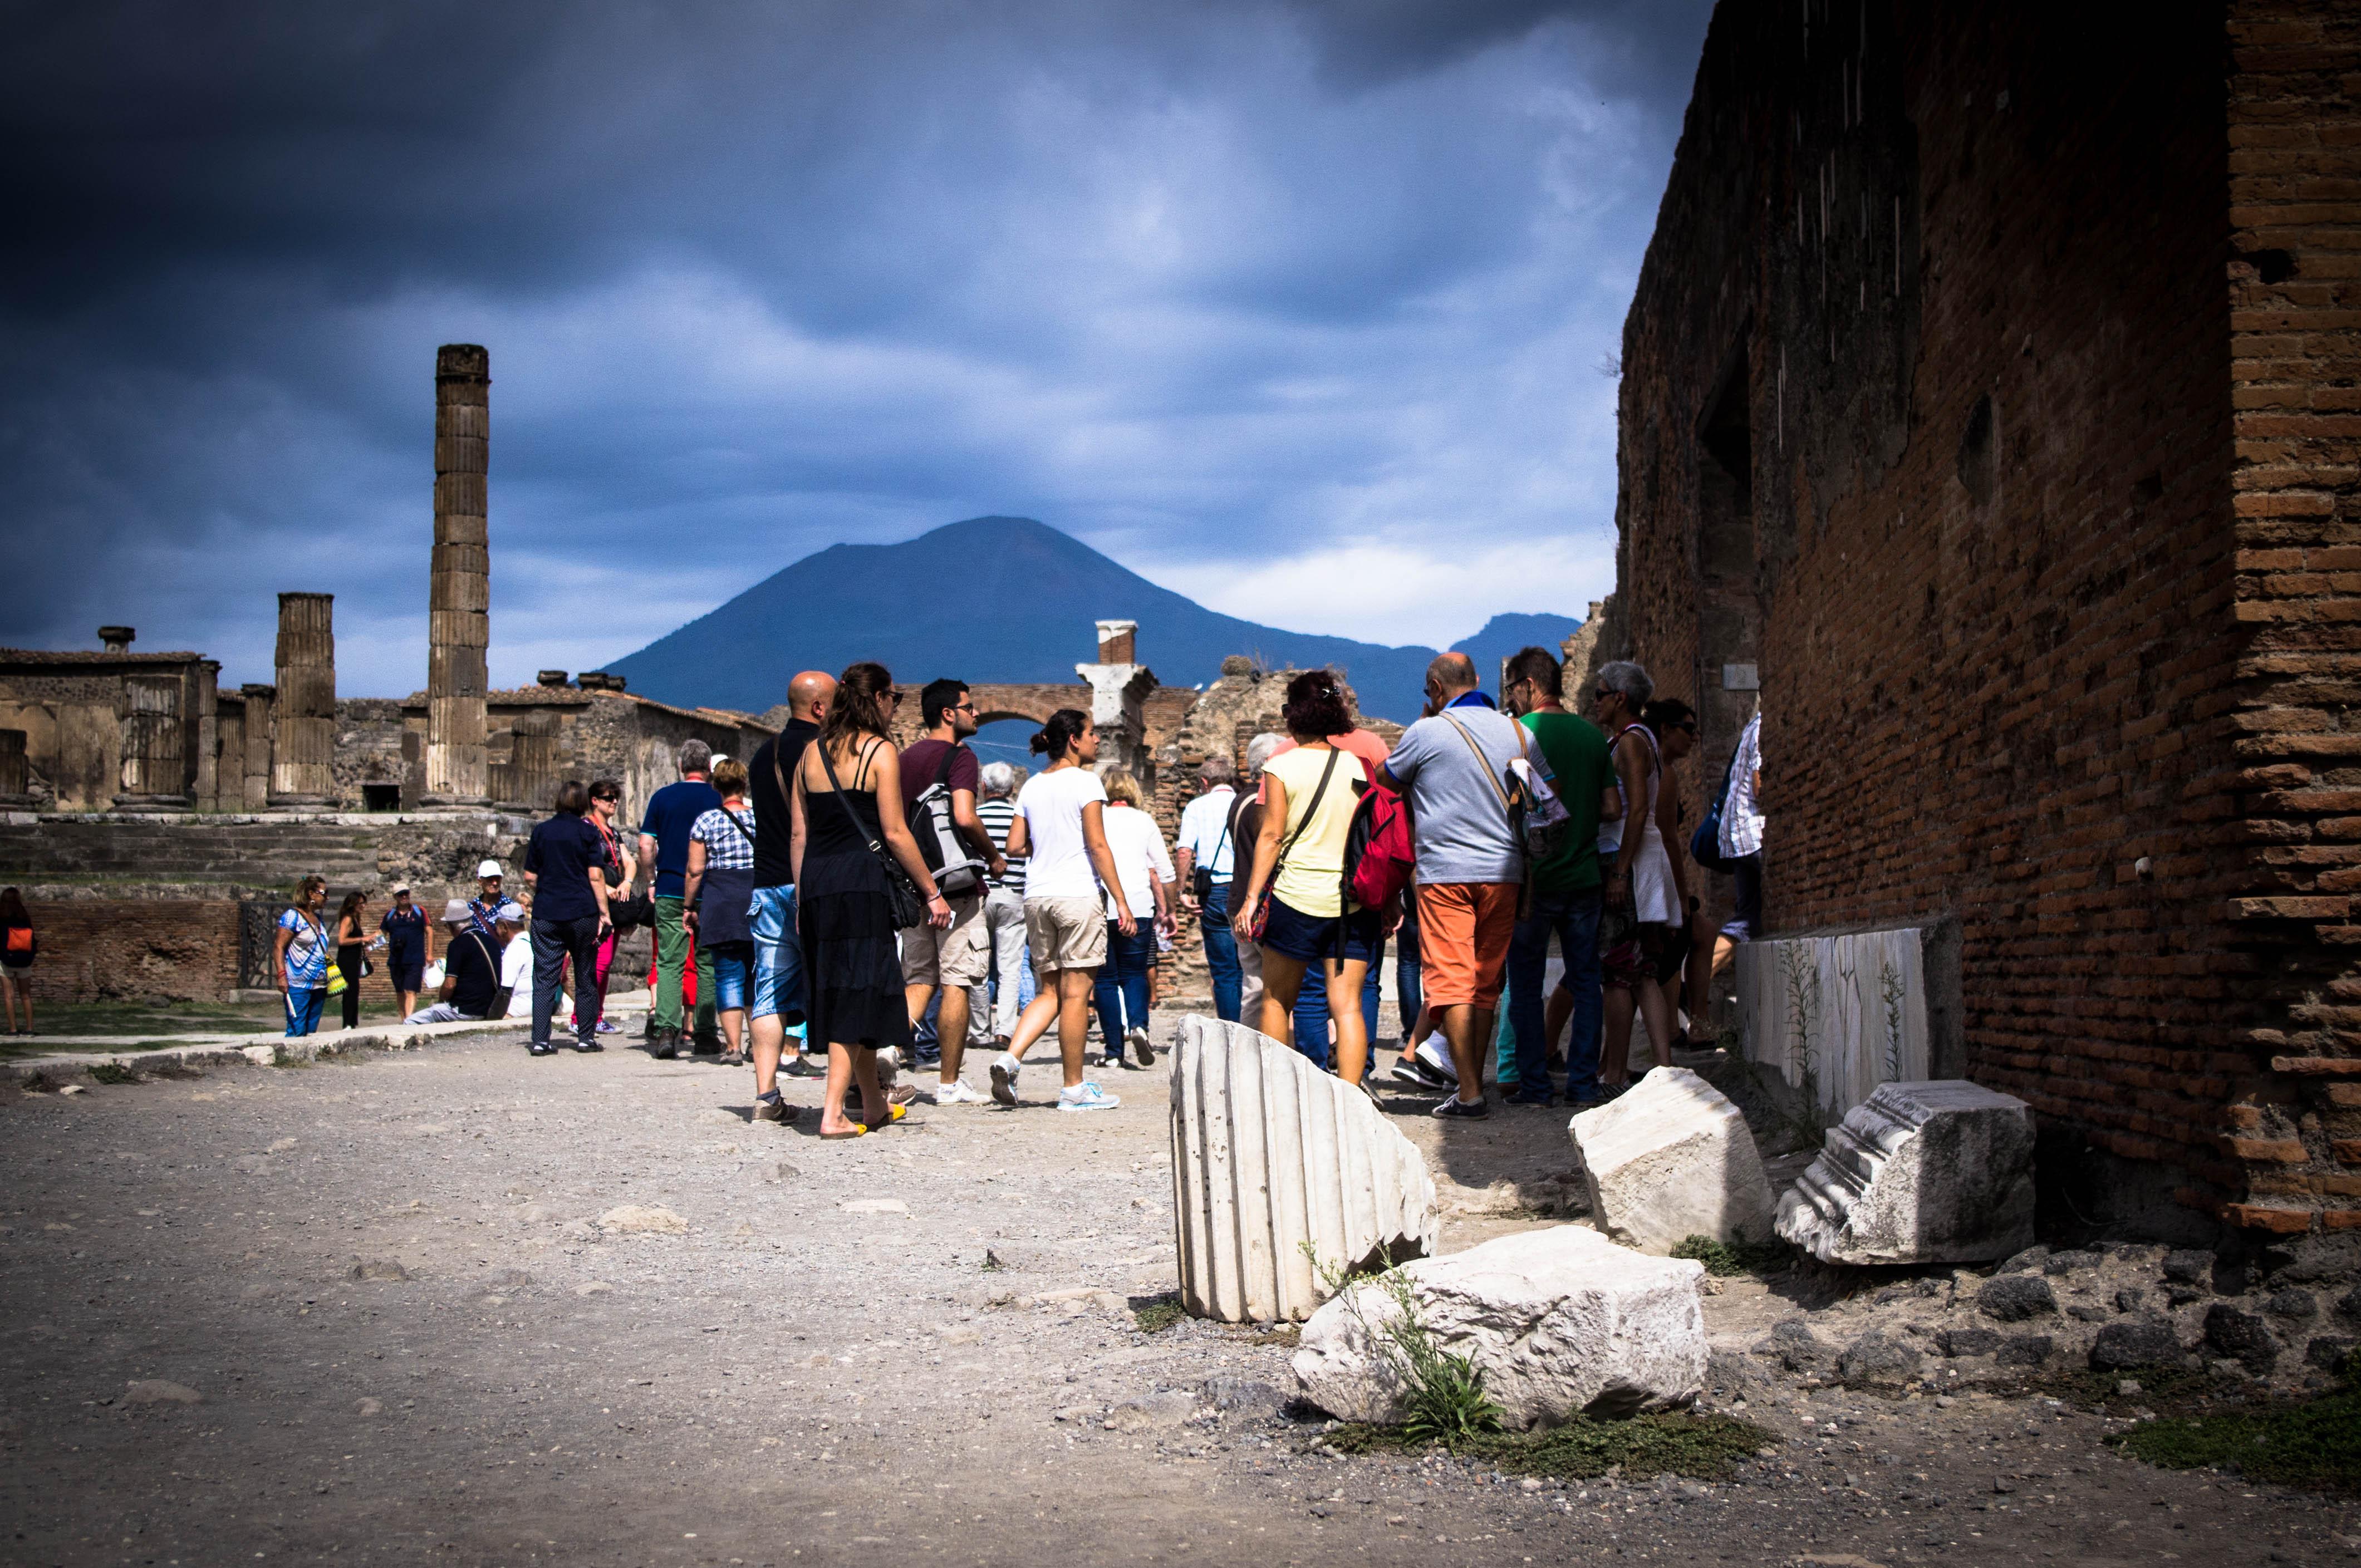 Visita Guidata a Pompei - 10 euro a persona (biglietto escluso)